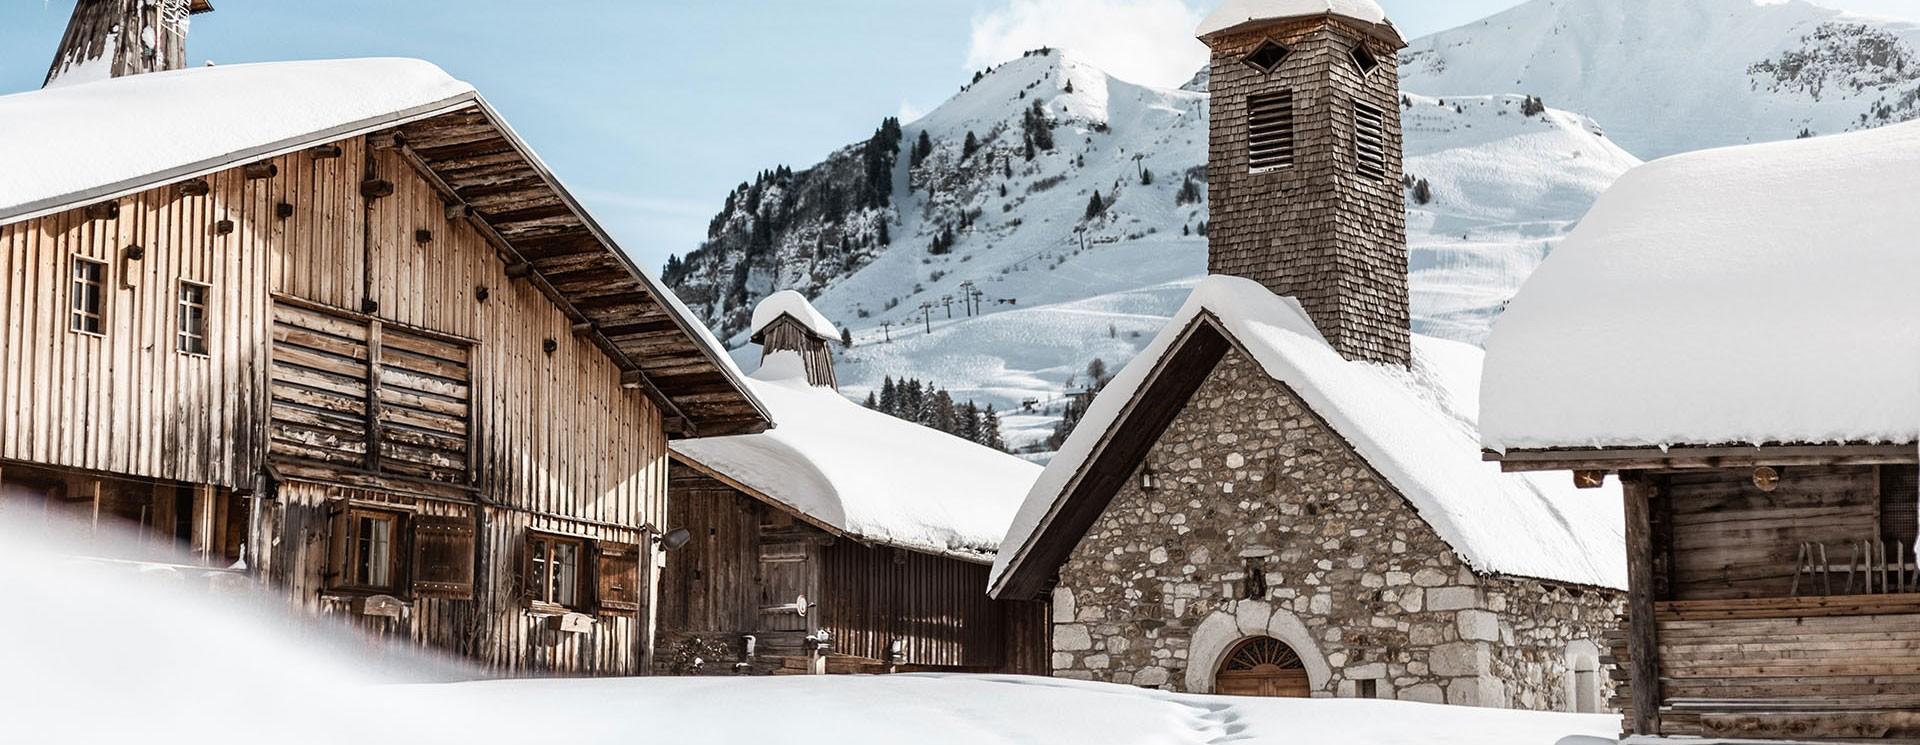 40aravis-clementhudry-chapelle-h19-1920x745-202551